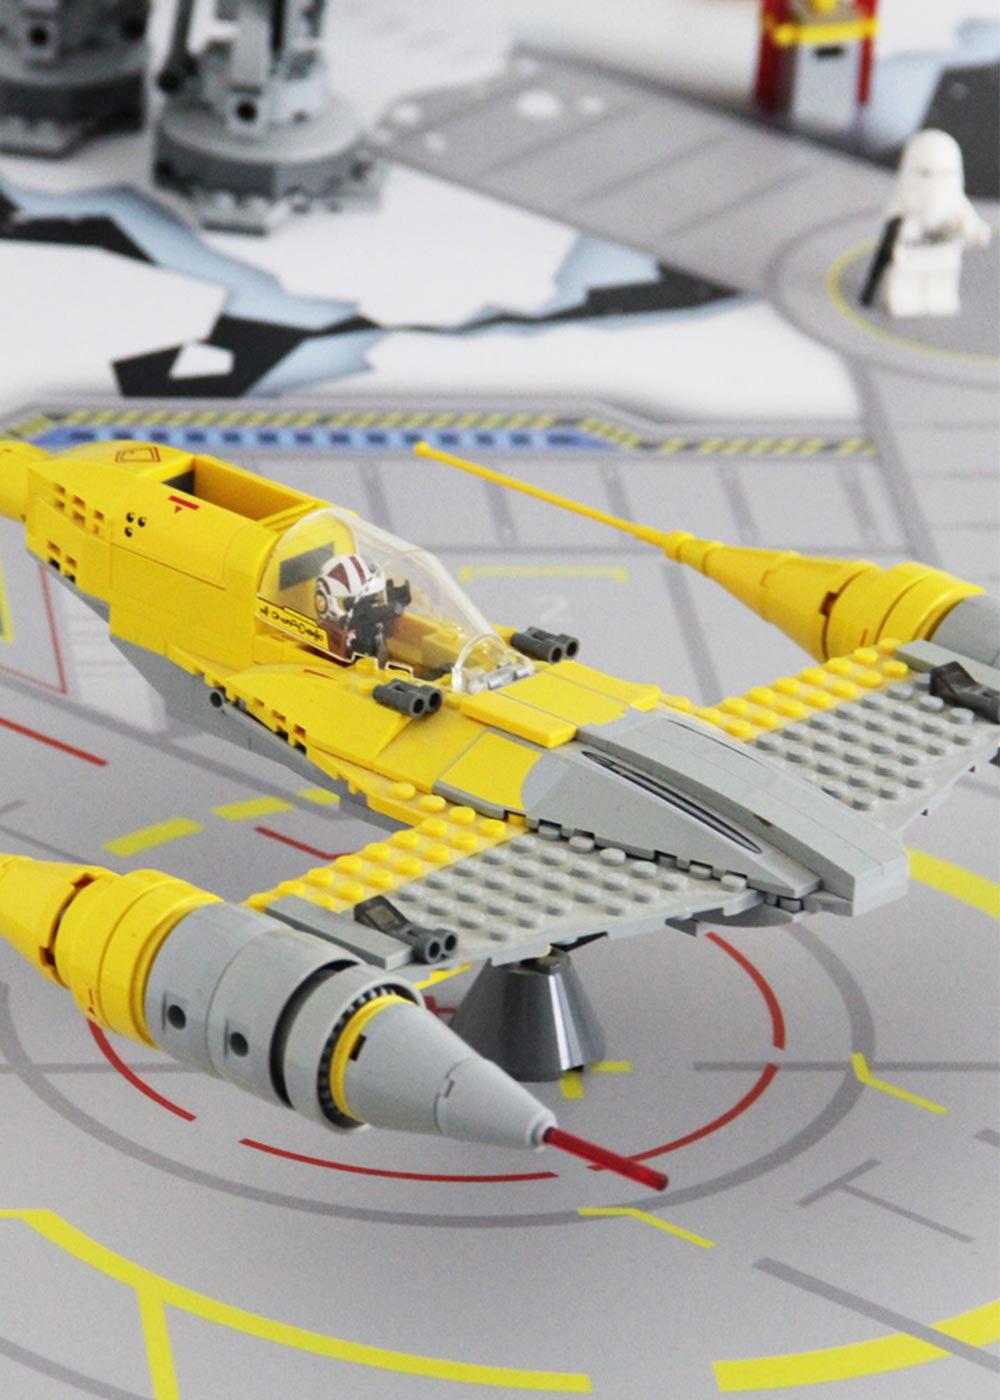 Ikea Lack Couchtisch Weltraum 78x118 Teilansicht Raumschiff